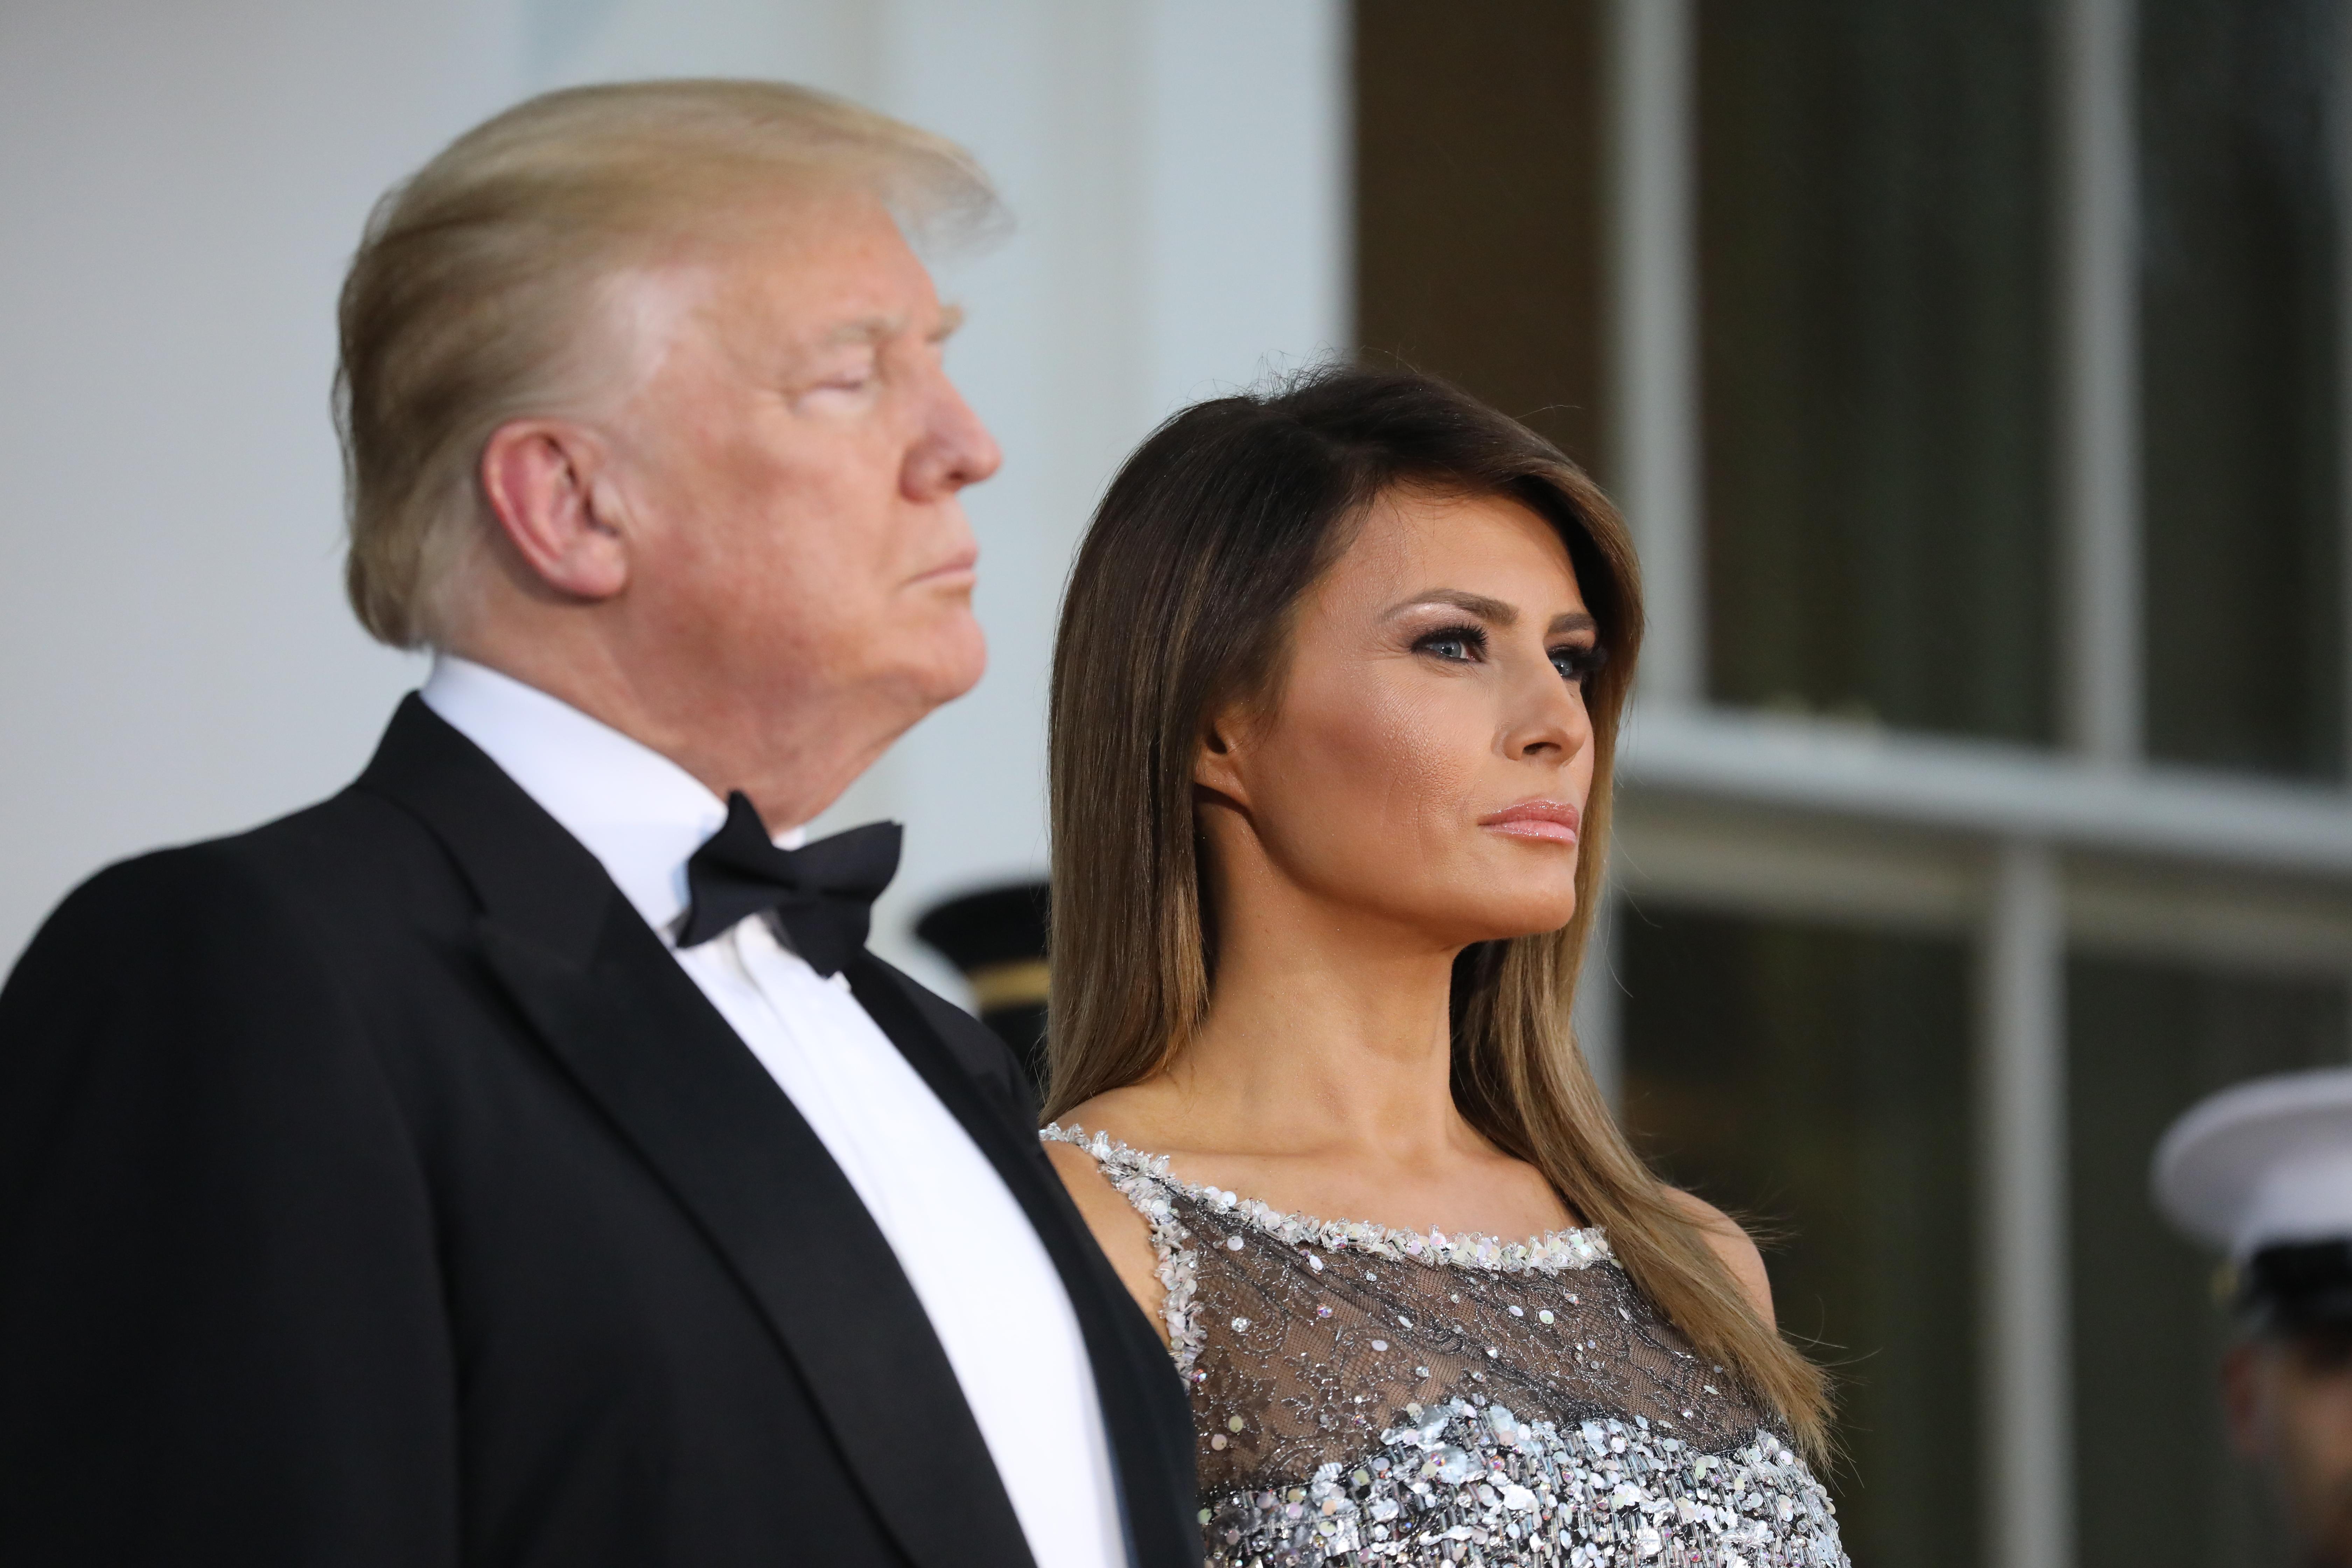 Trump felesége szerint is túl keményen bánnak az illegális bevándorlók gyerekeivel